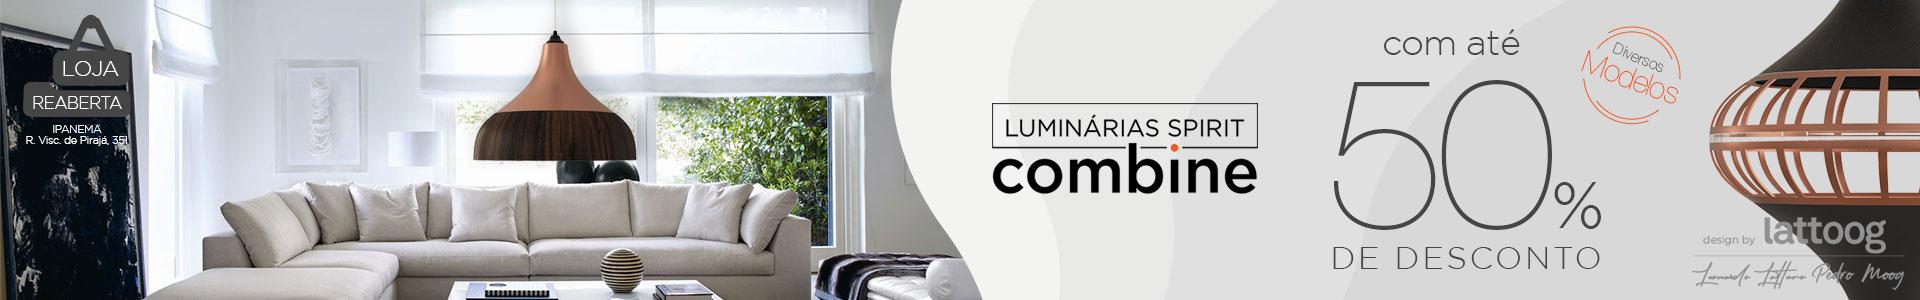 MEGA LIQUIDAÇÃO: Luminária Pendente SPIRIT Combine